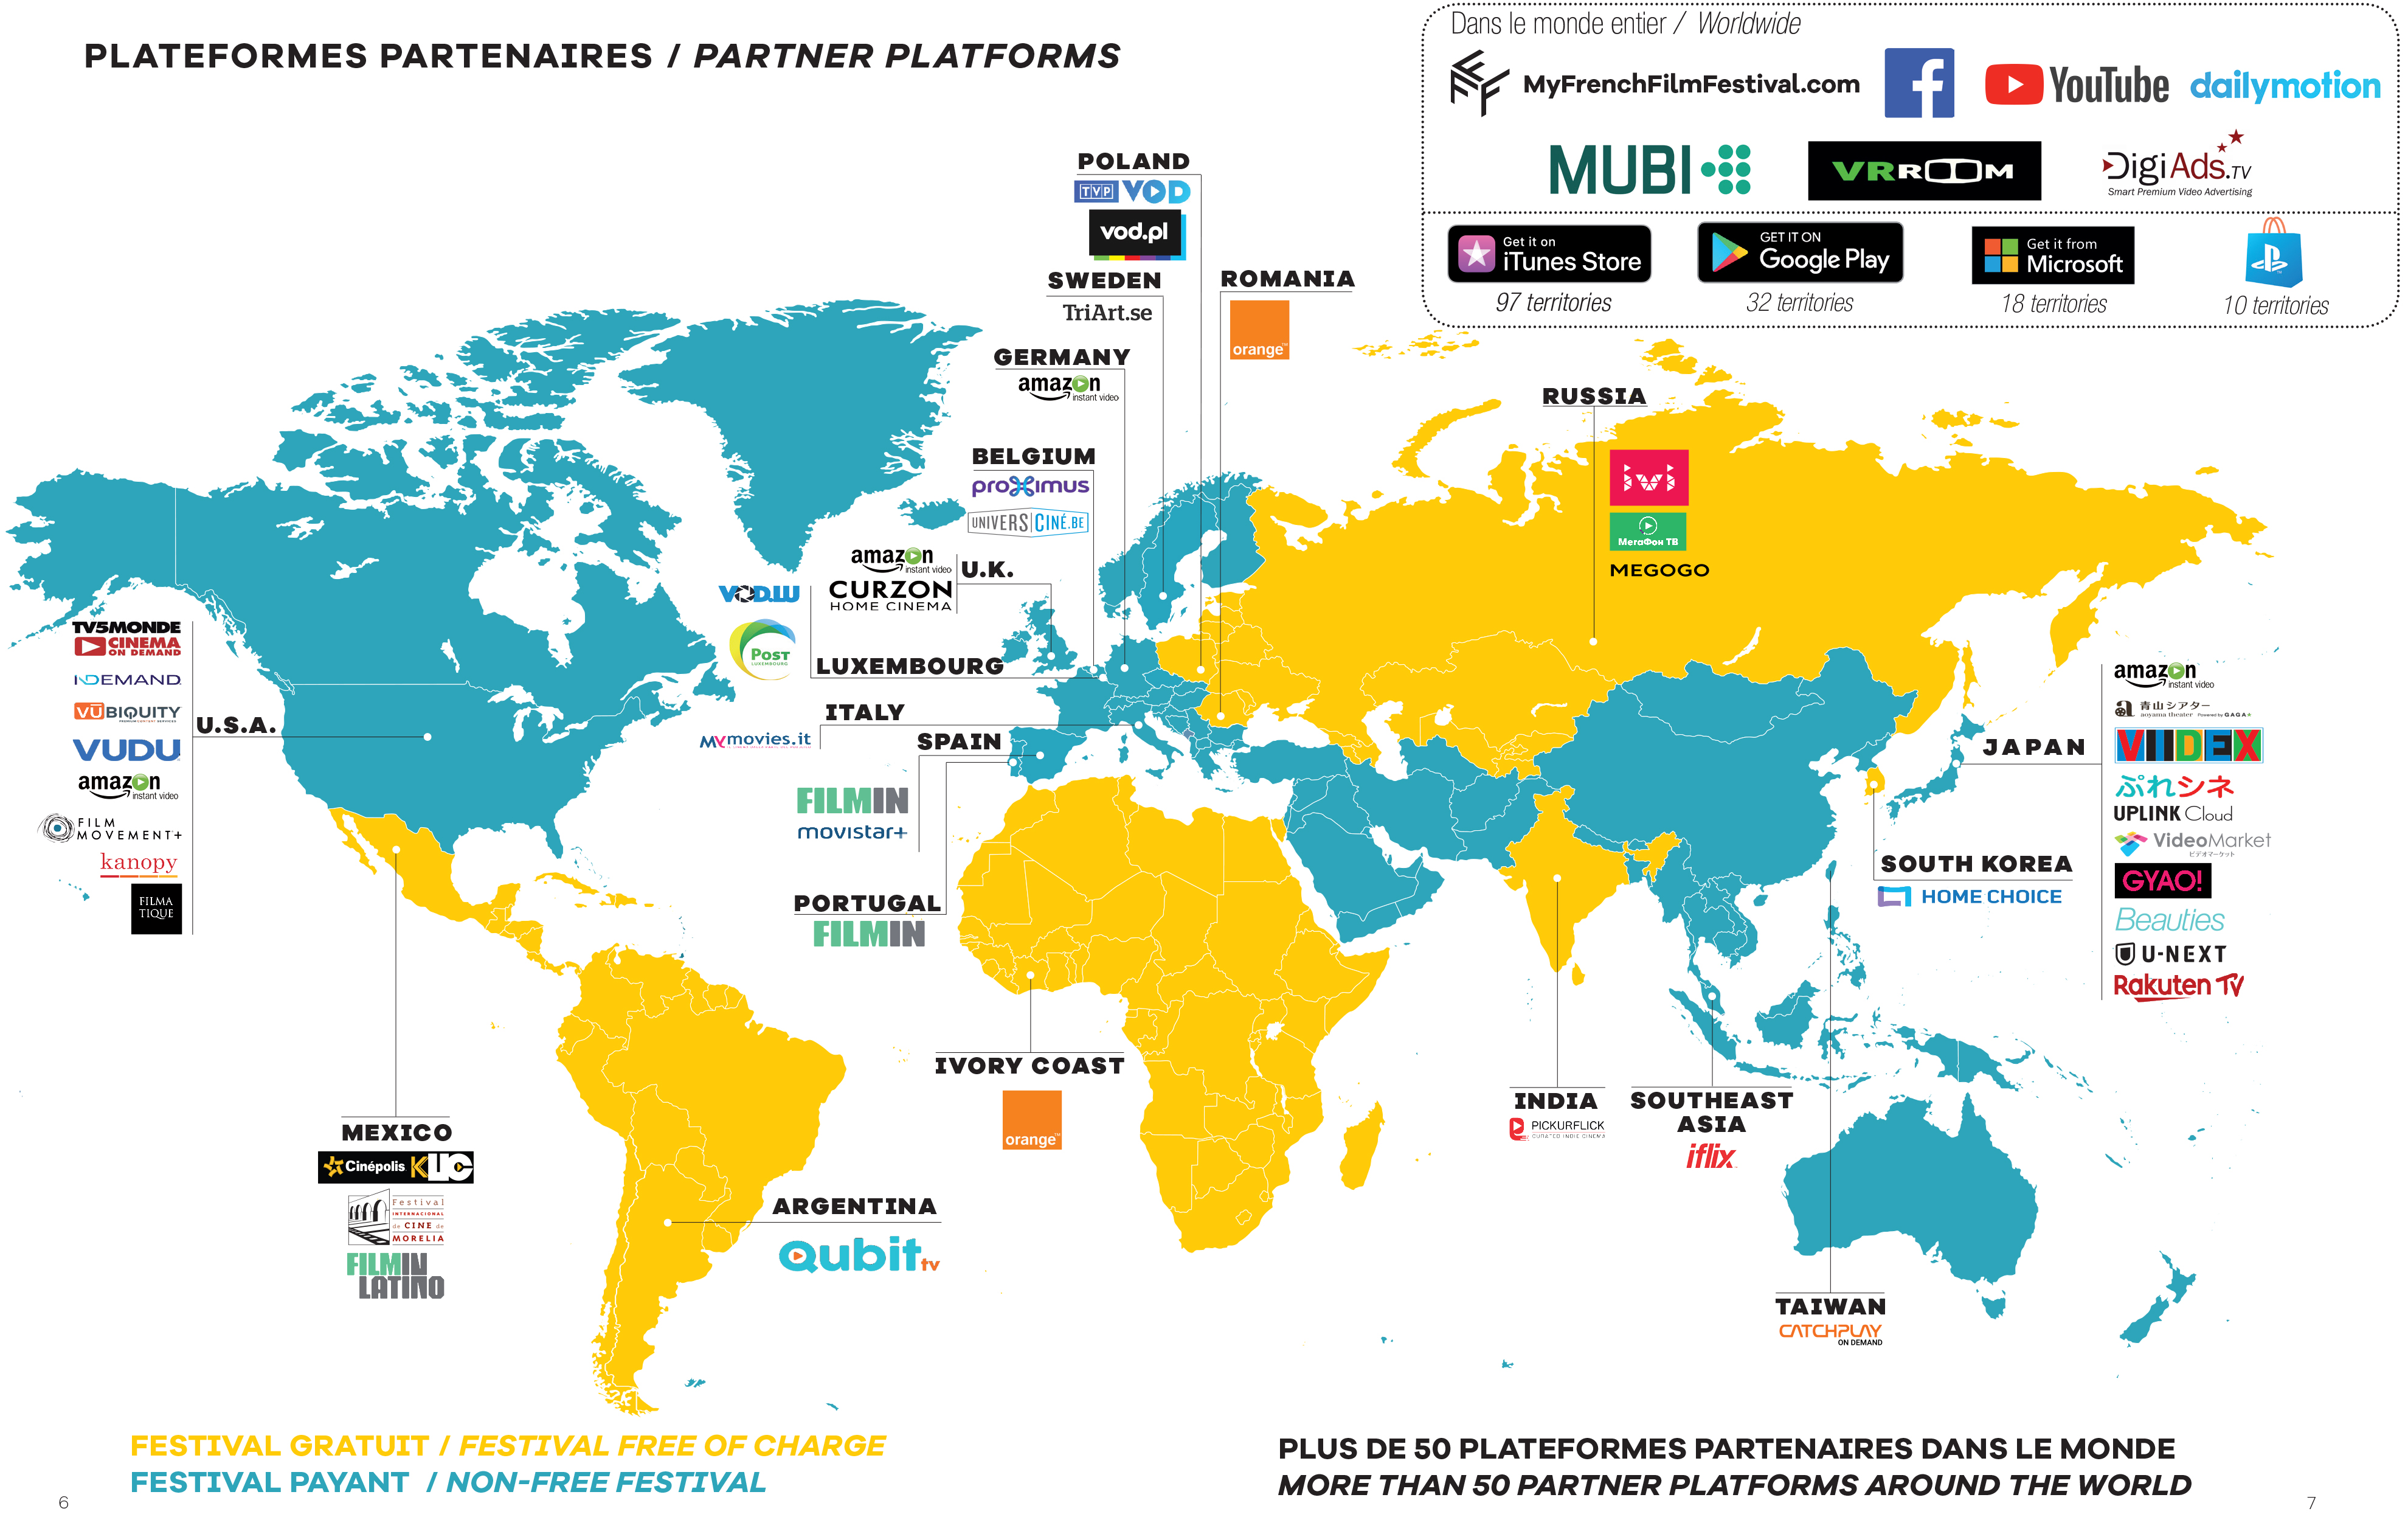 web per trovare partner argentina